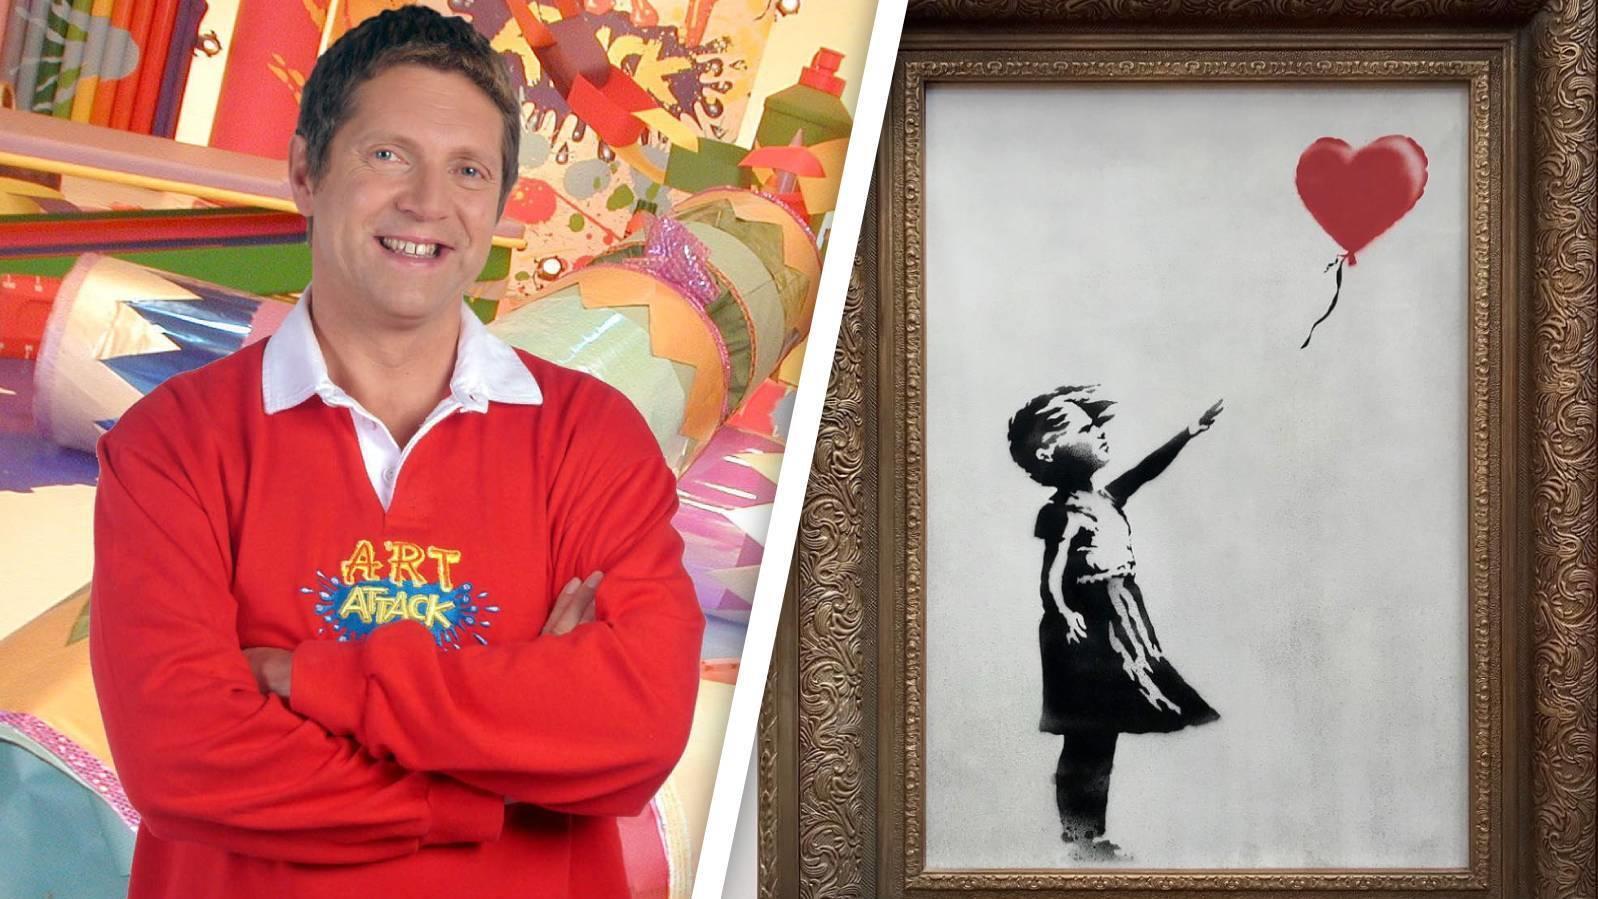 """Steckt hinter dem bekannten Künstler Banksy wirklich Neil Buchanan von """"Art Attack""""?"""